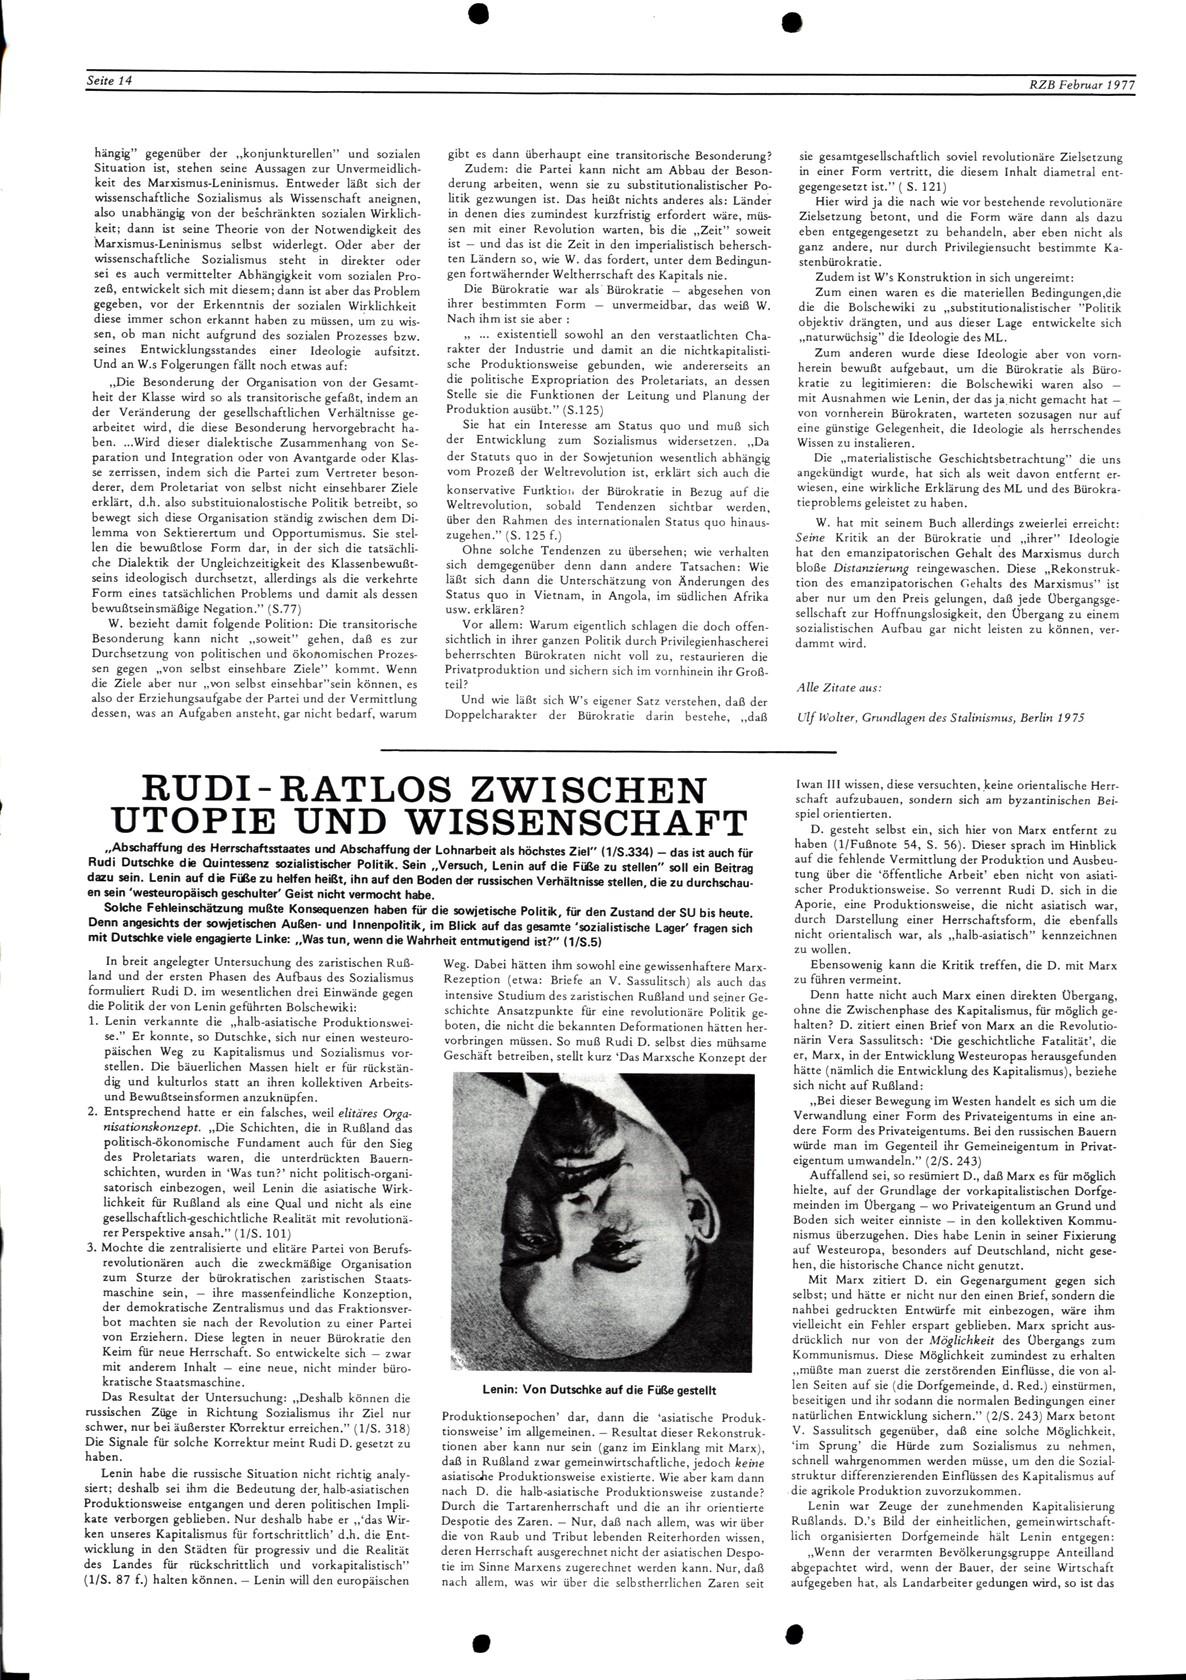 Bonn_RZ_07_08_19770200_14